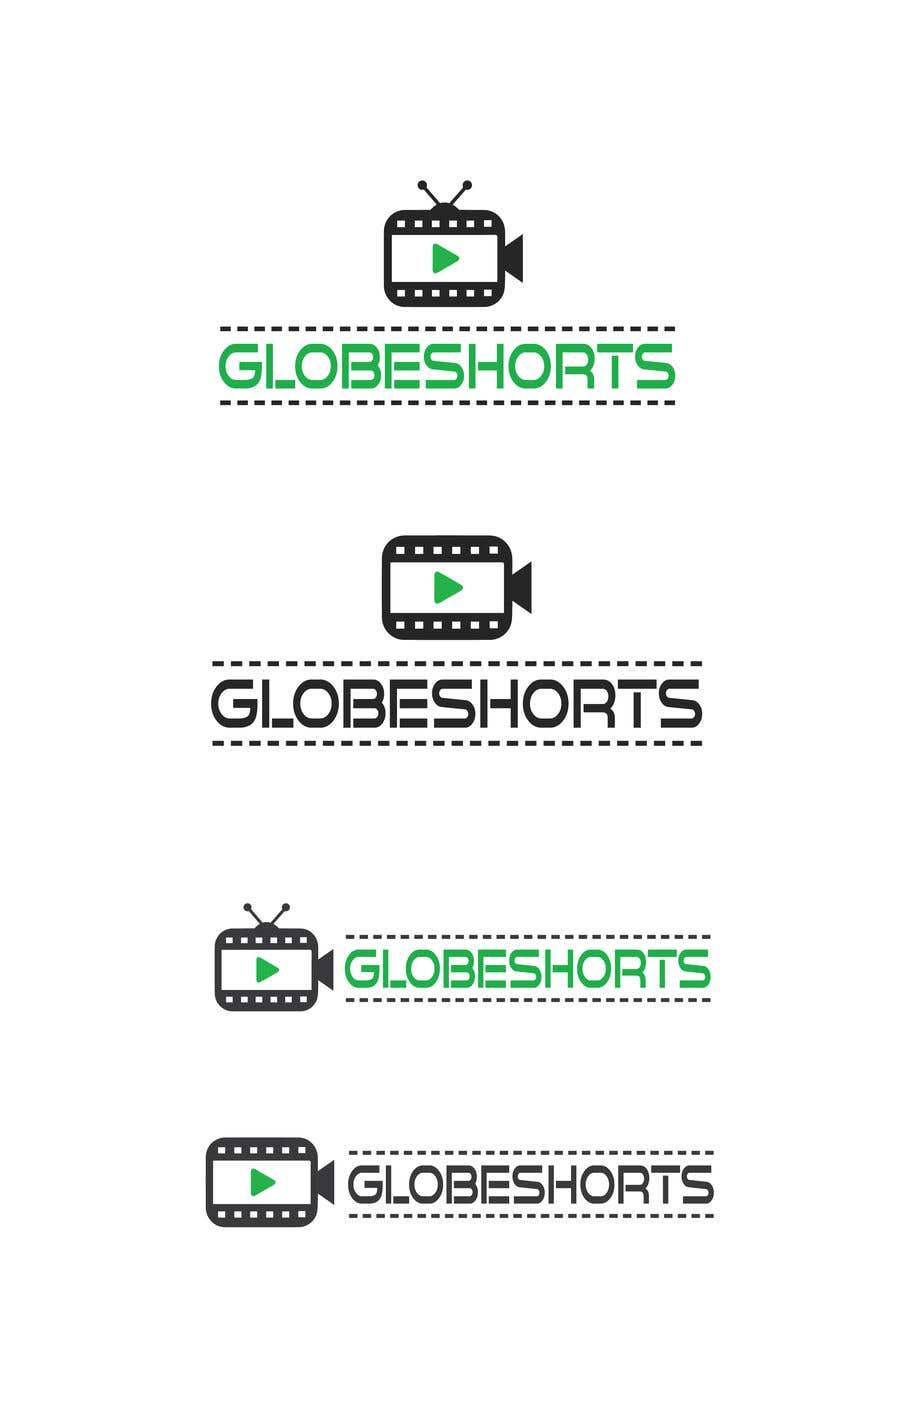 Contest Entry #796 for A logo for a new website globeshorts.com